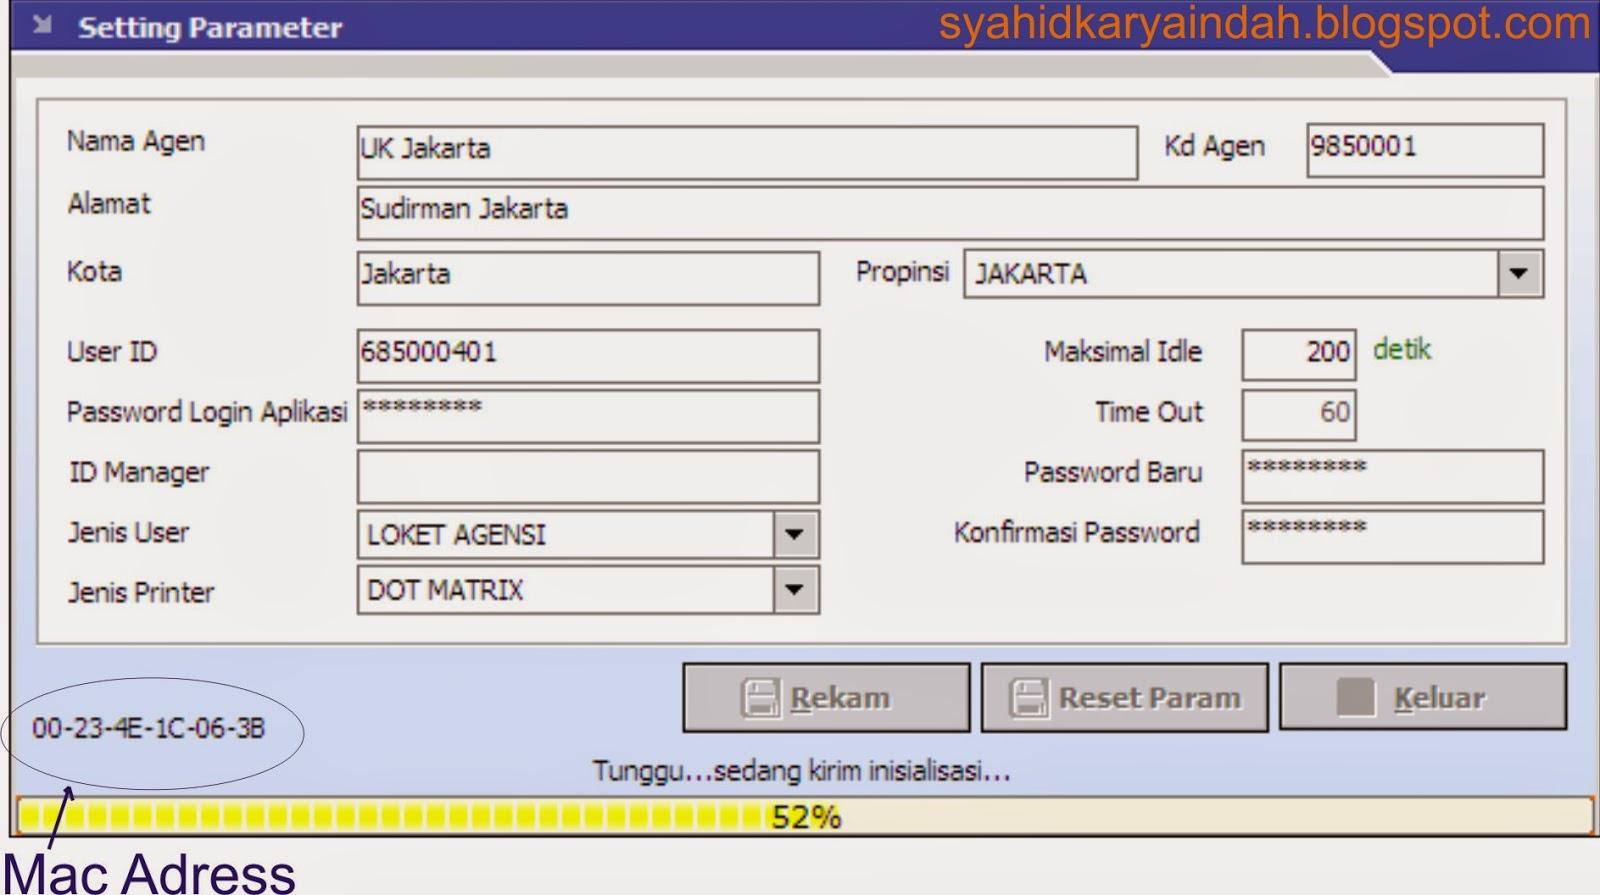 http://syahidkaryaindah.blogspot.com/